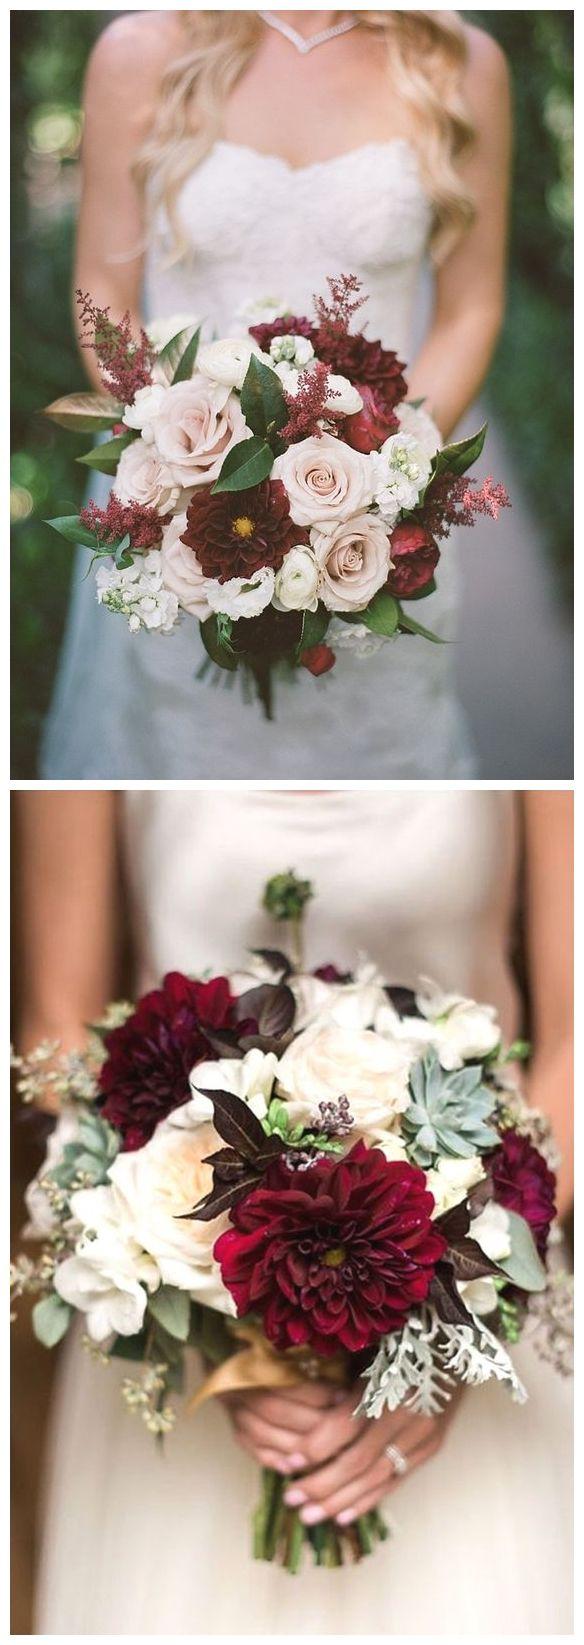 40 Burgundy Wedding Bouquets for Fall / Winter Wedding